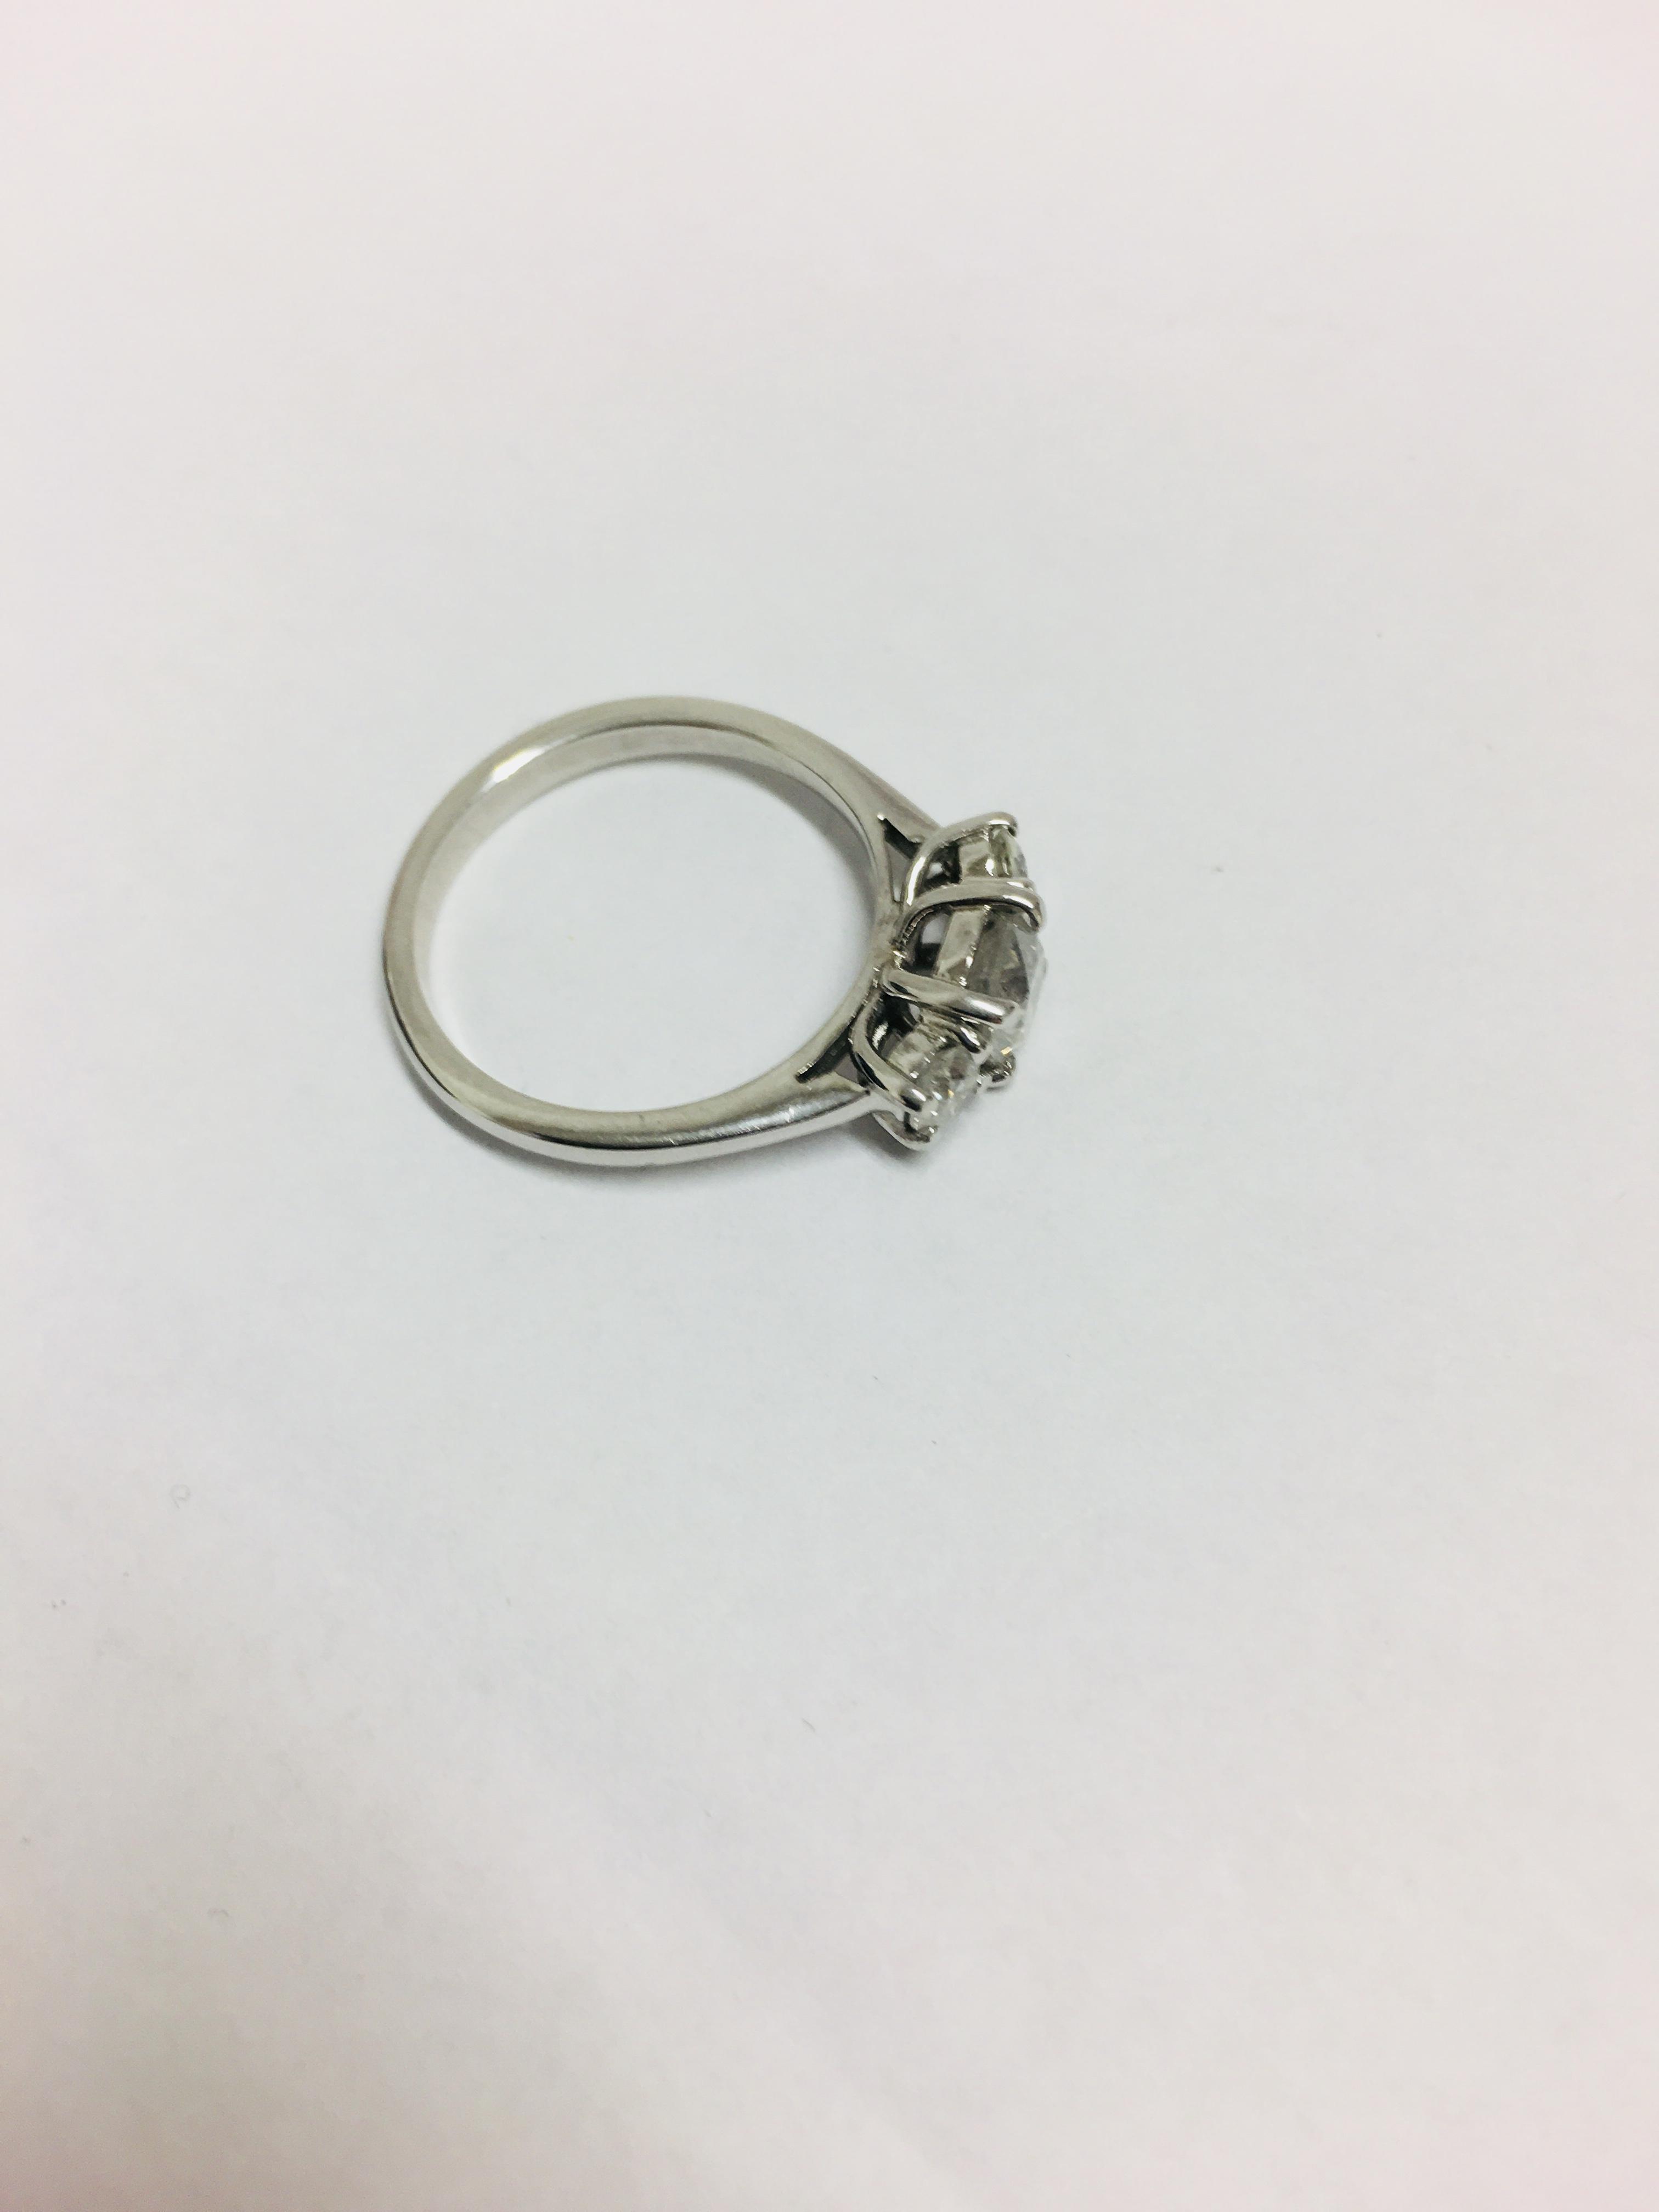 Lot 43 - 18ct white gold rilogy ring